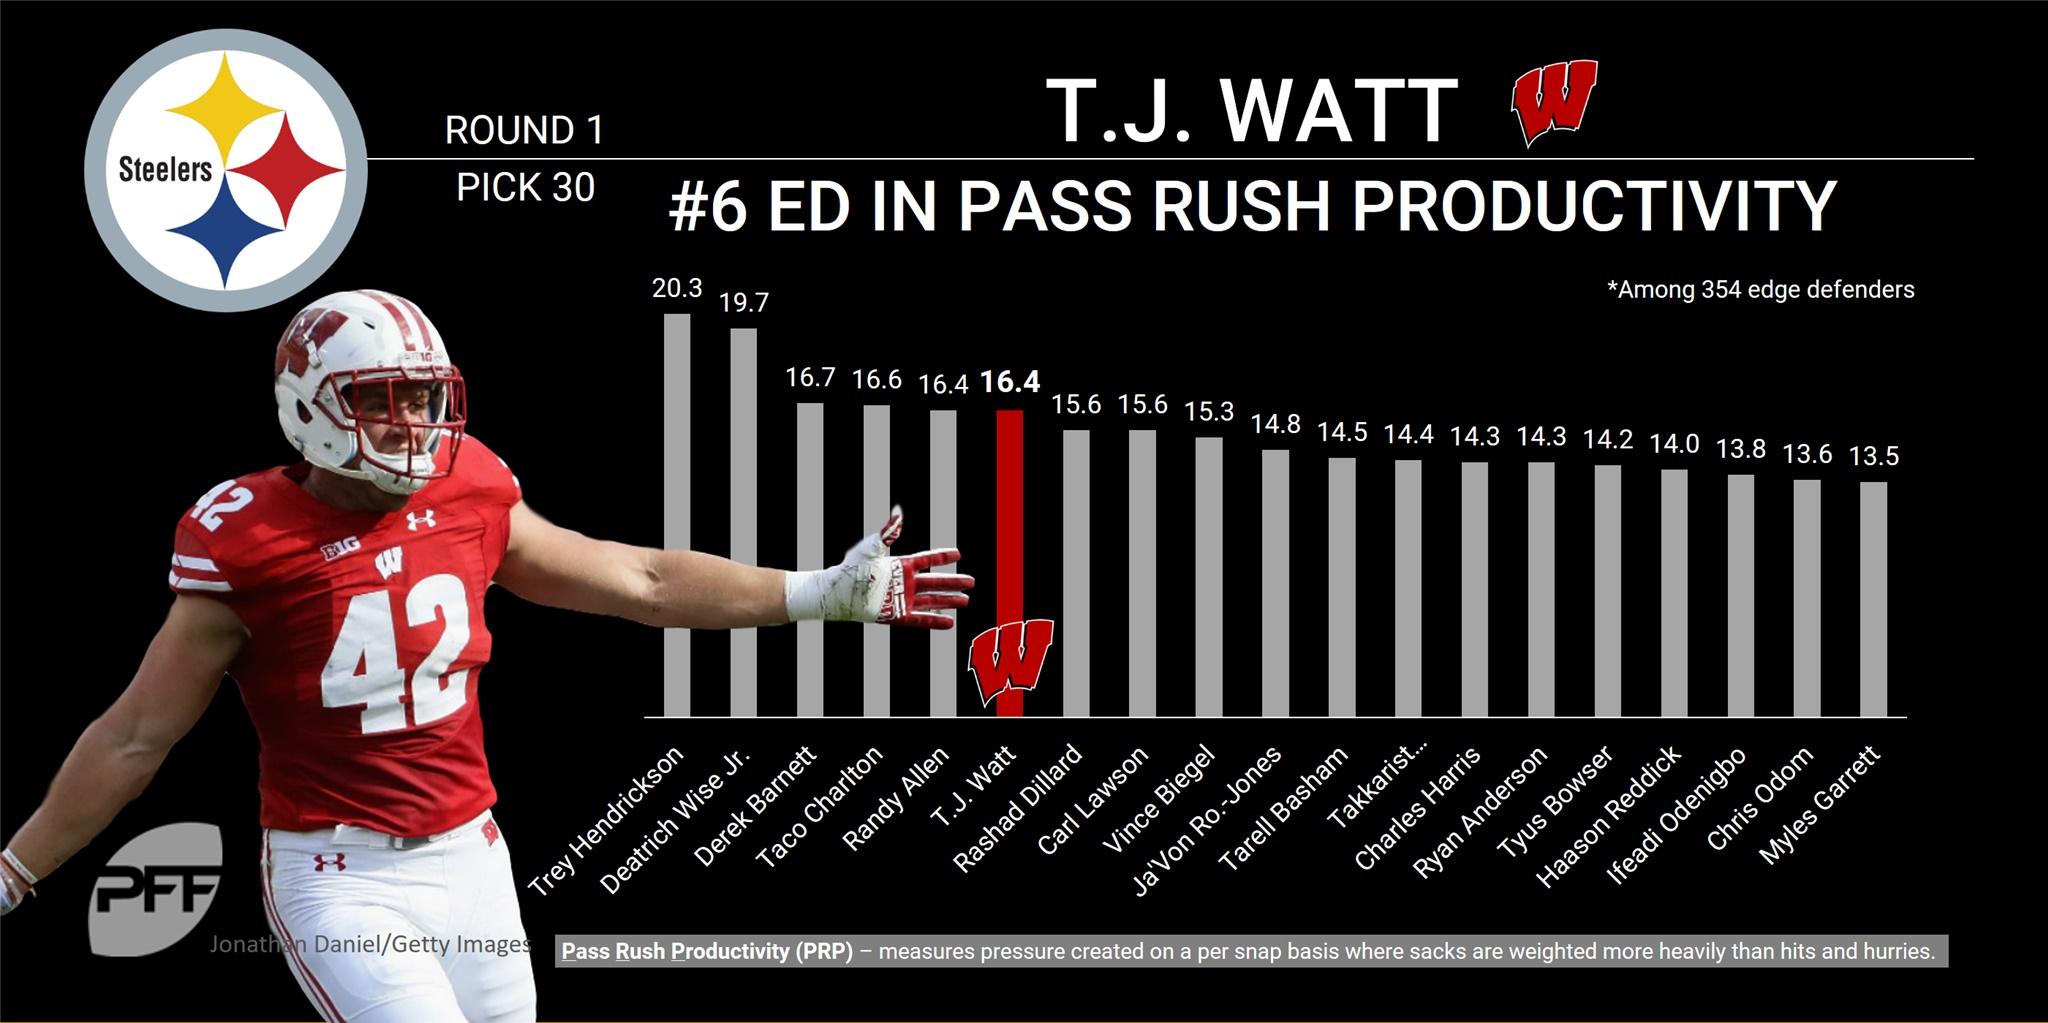 T.J. Watt